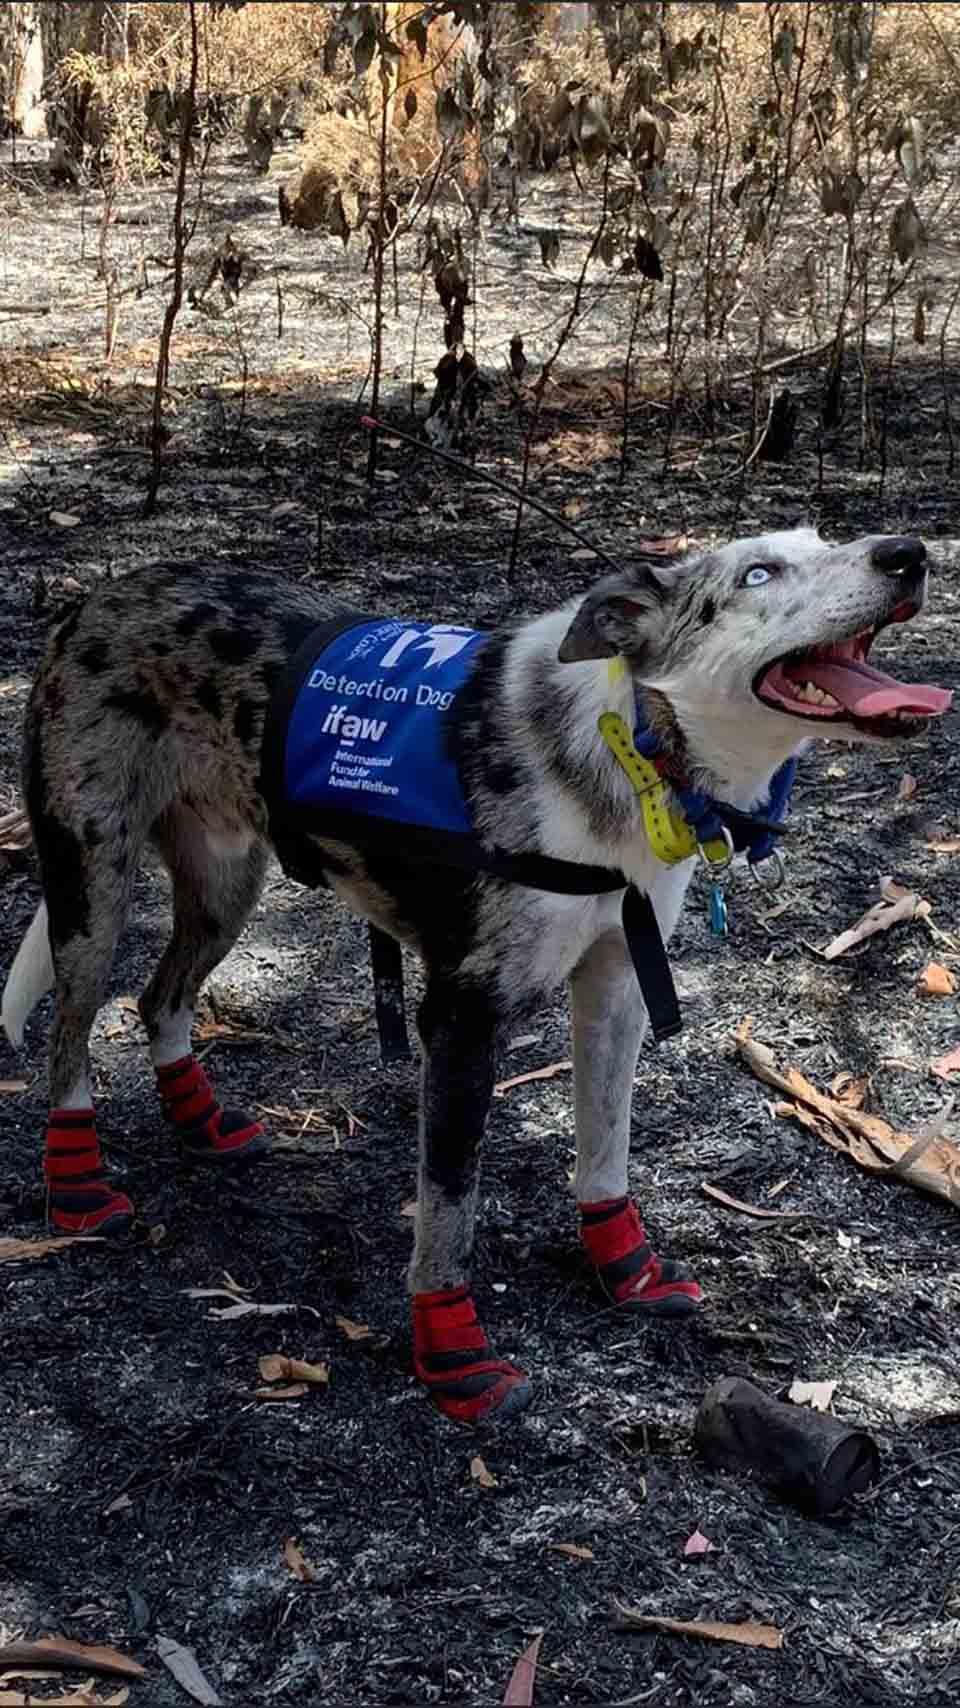 Perro ha salvado koalas de los incendios forestales